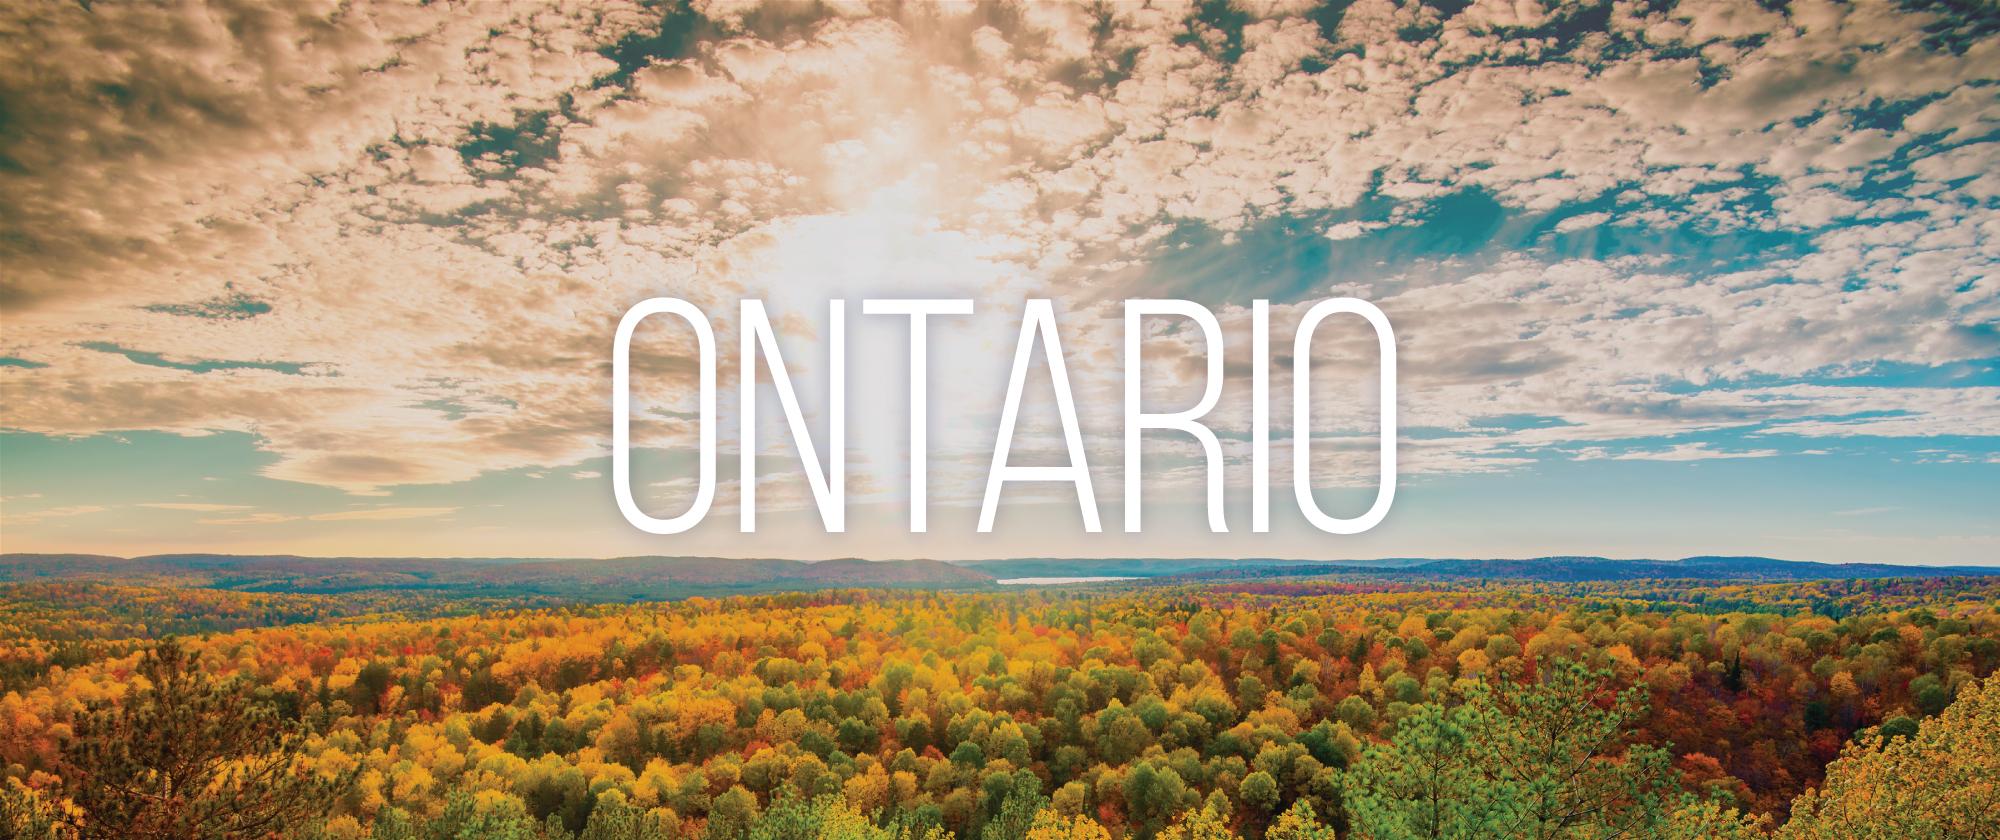 Ontario-Header.jpg